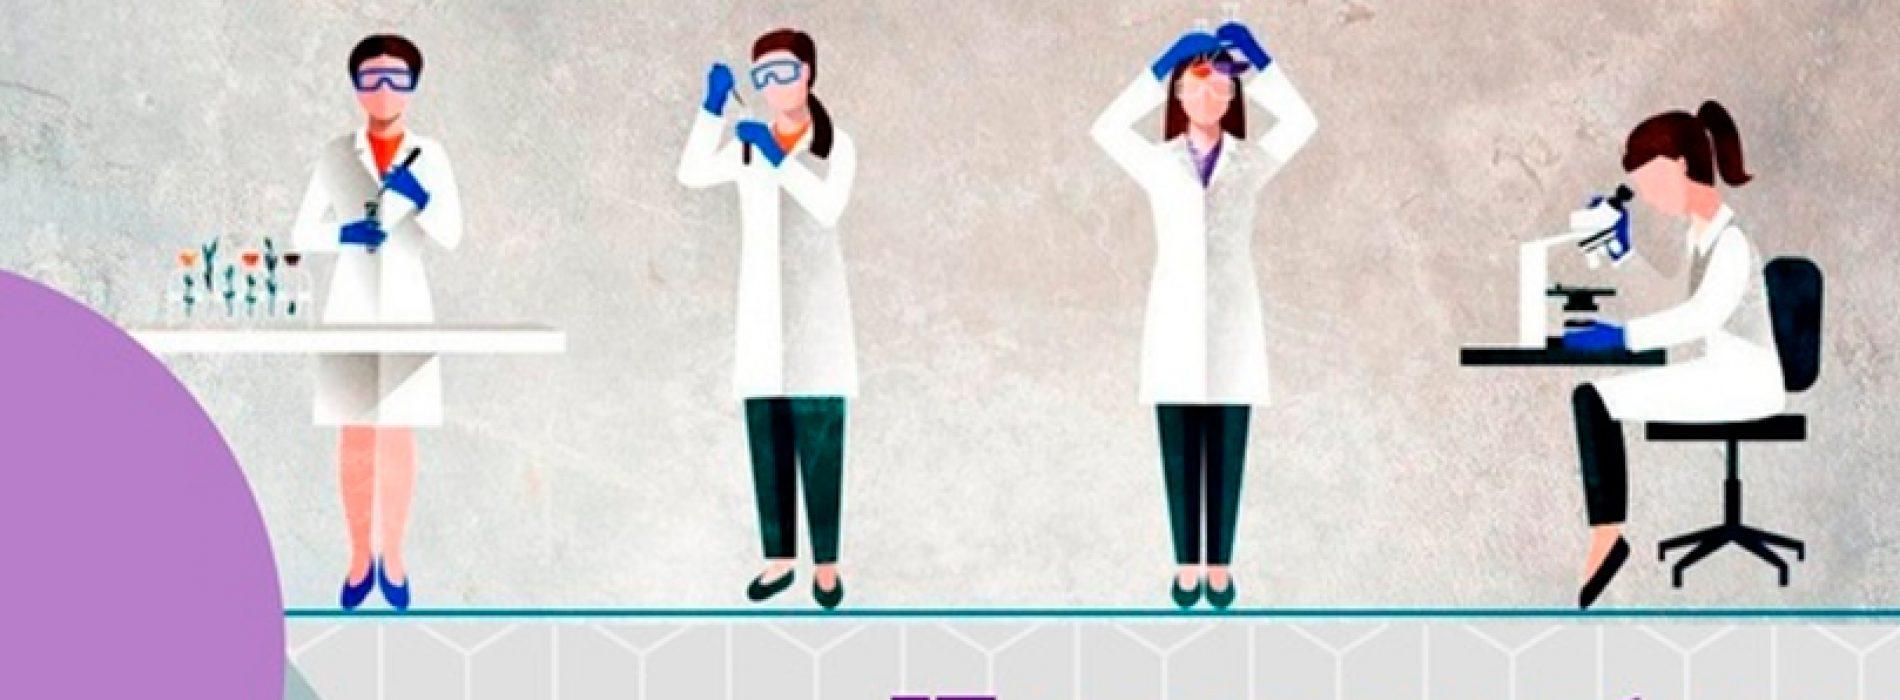 Últimos cupos -Encuentro de Mujeres en Ciencia: Derribando Mitos y Barreras